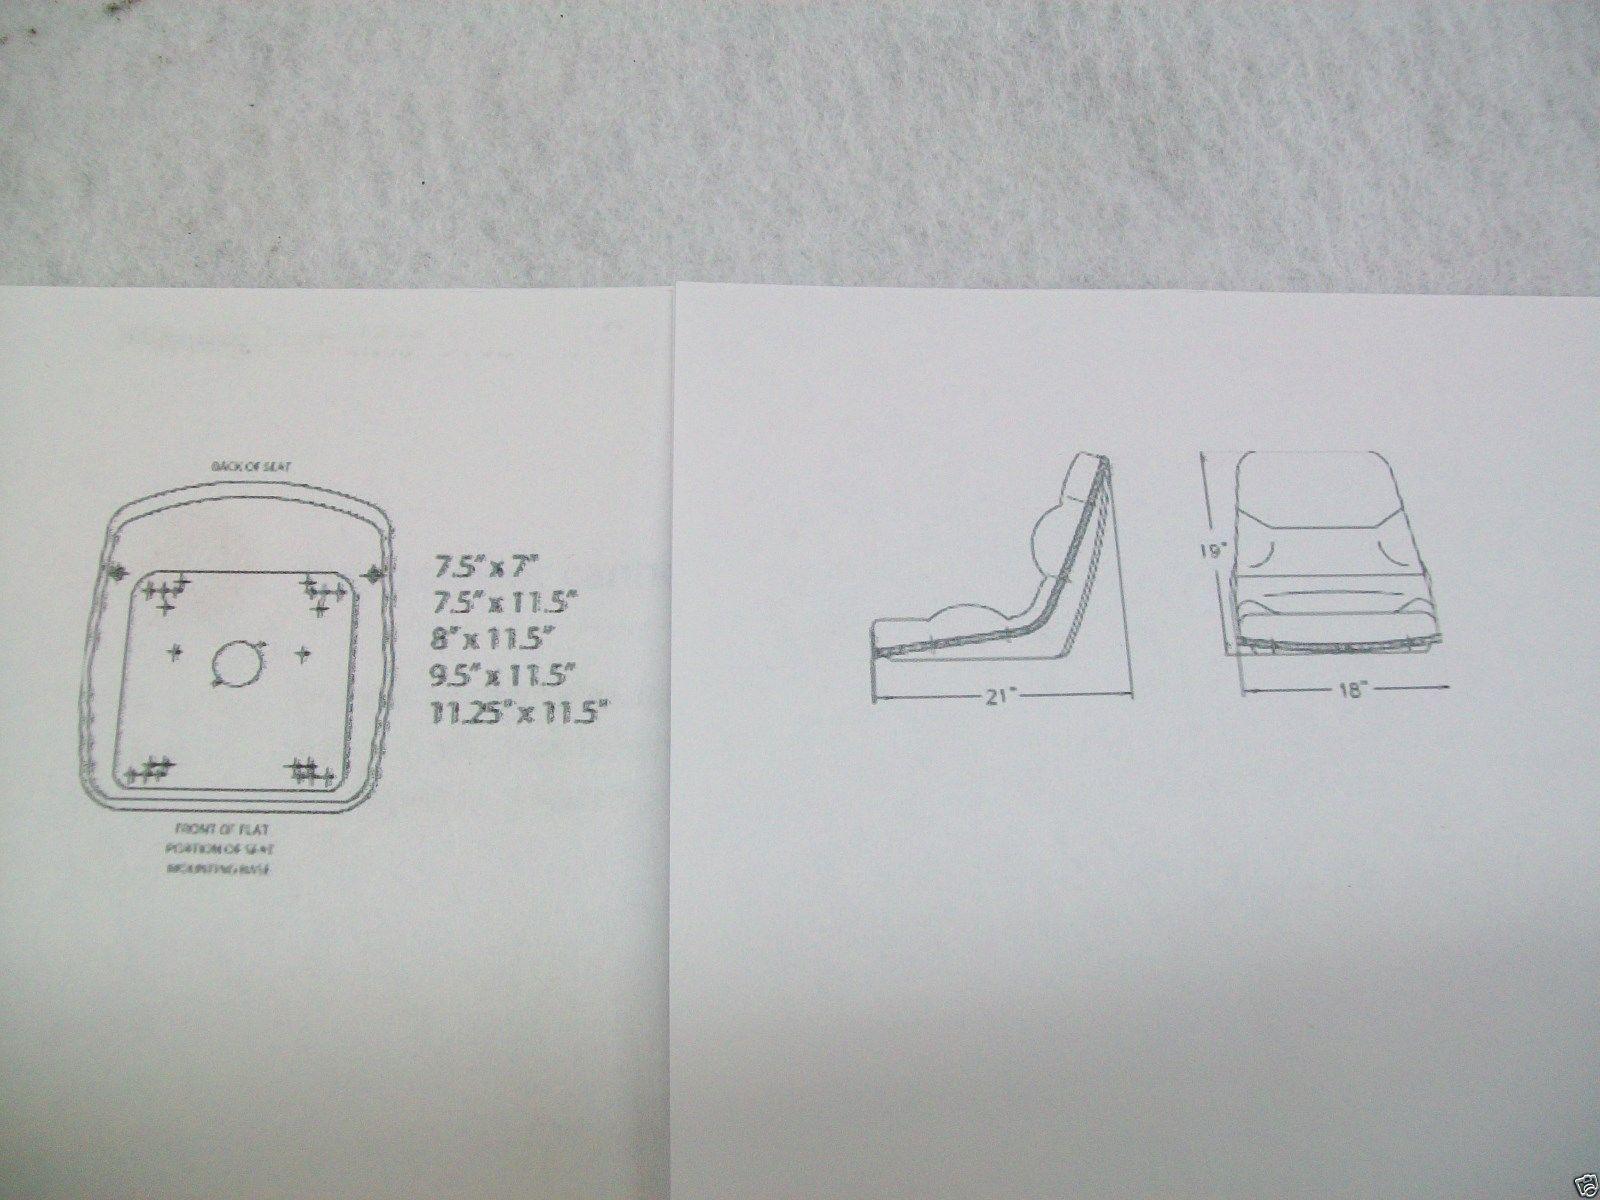 hight resolution of high back black case backhoe loader 580c 580d 580e 580k 580l case 580c wiring diagram